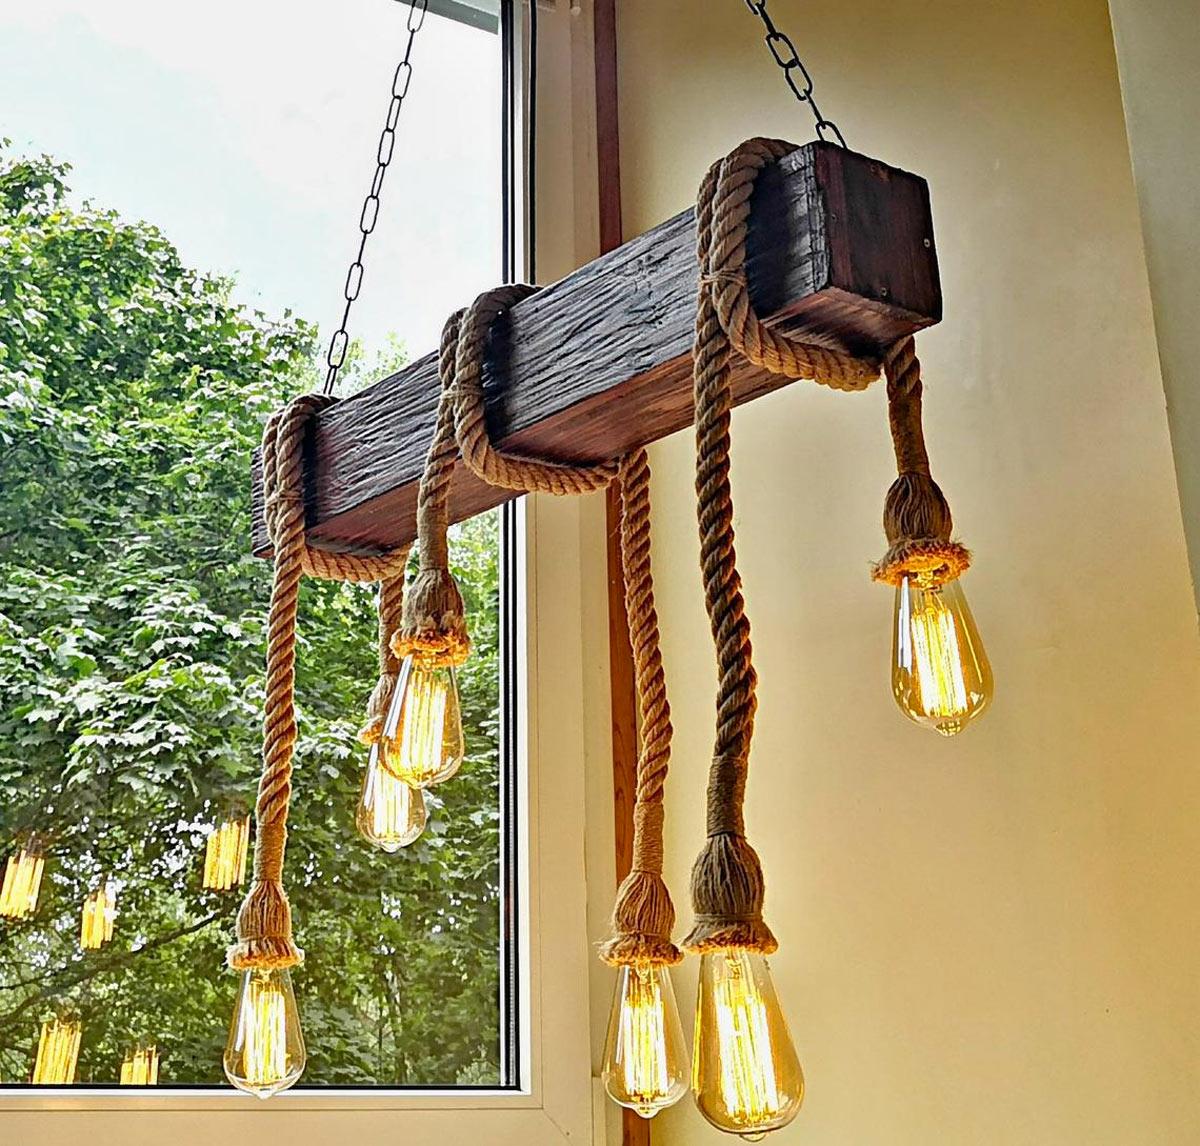 Lampadario vintage fai da te con tavola di legno quadrata e corda.